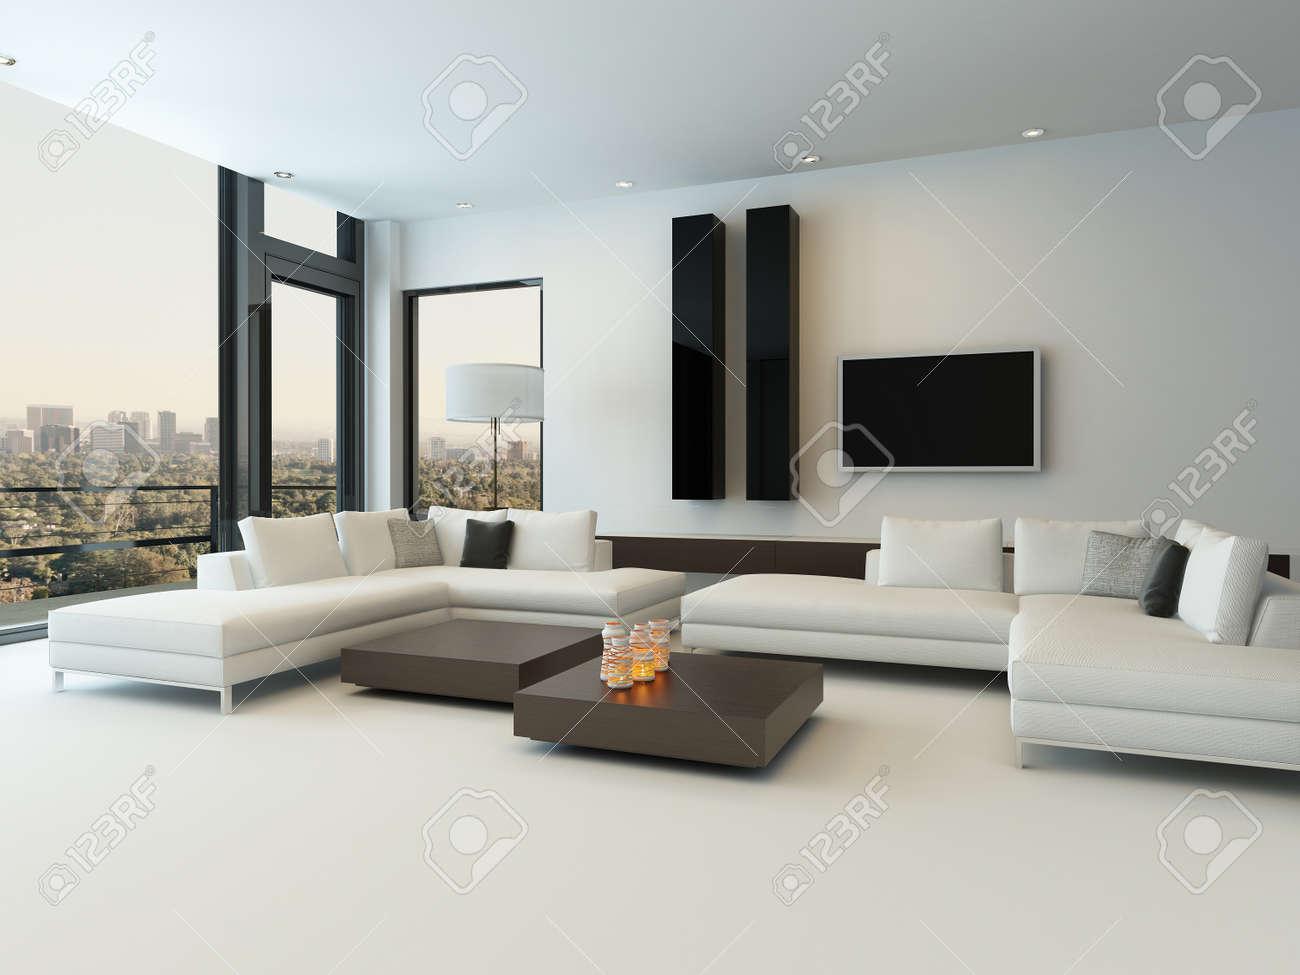 Modernes Design Sonnigen Wohnzimmer Interieur Mit Weißen Sofa ...